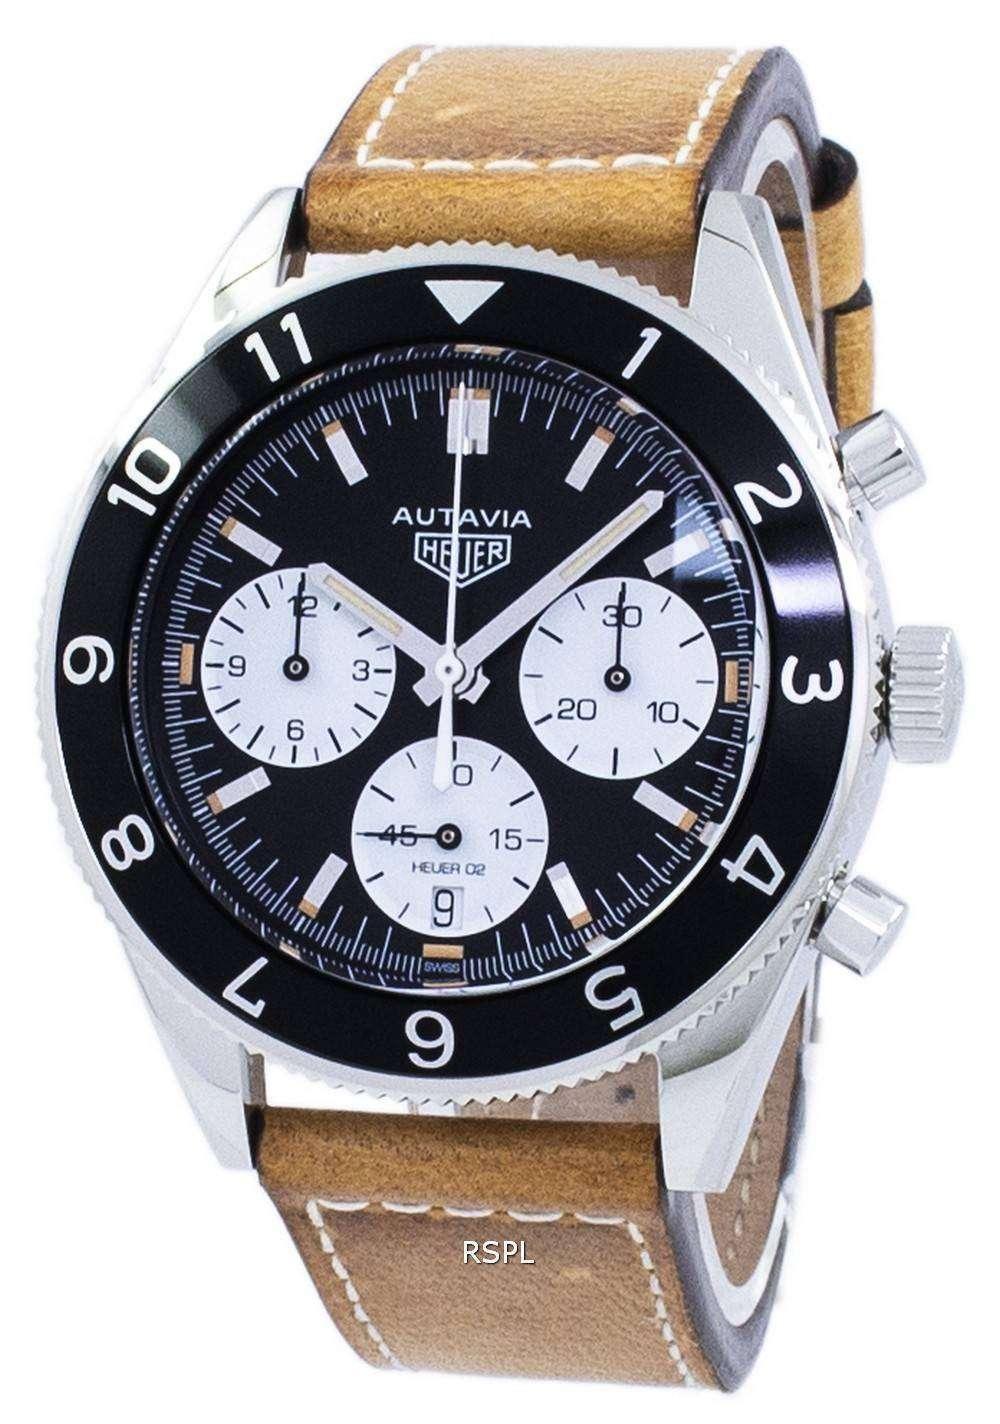 タグ ・ ホイヤー オータビア ヘリテージ クロノグラフ自動 CBE2110。FC8226 メンズ腕時計